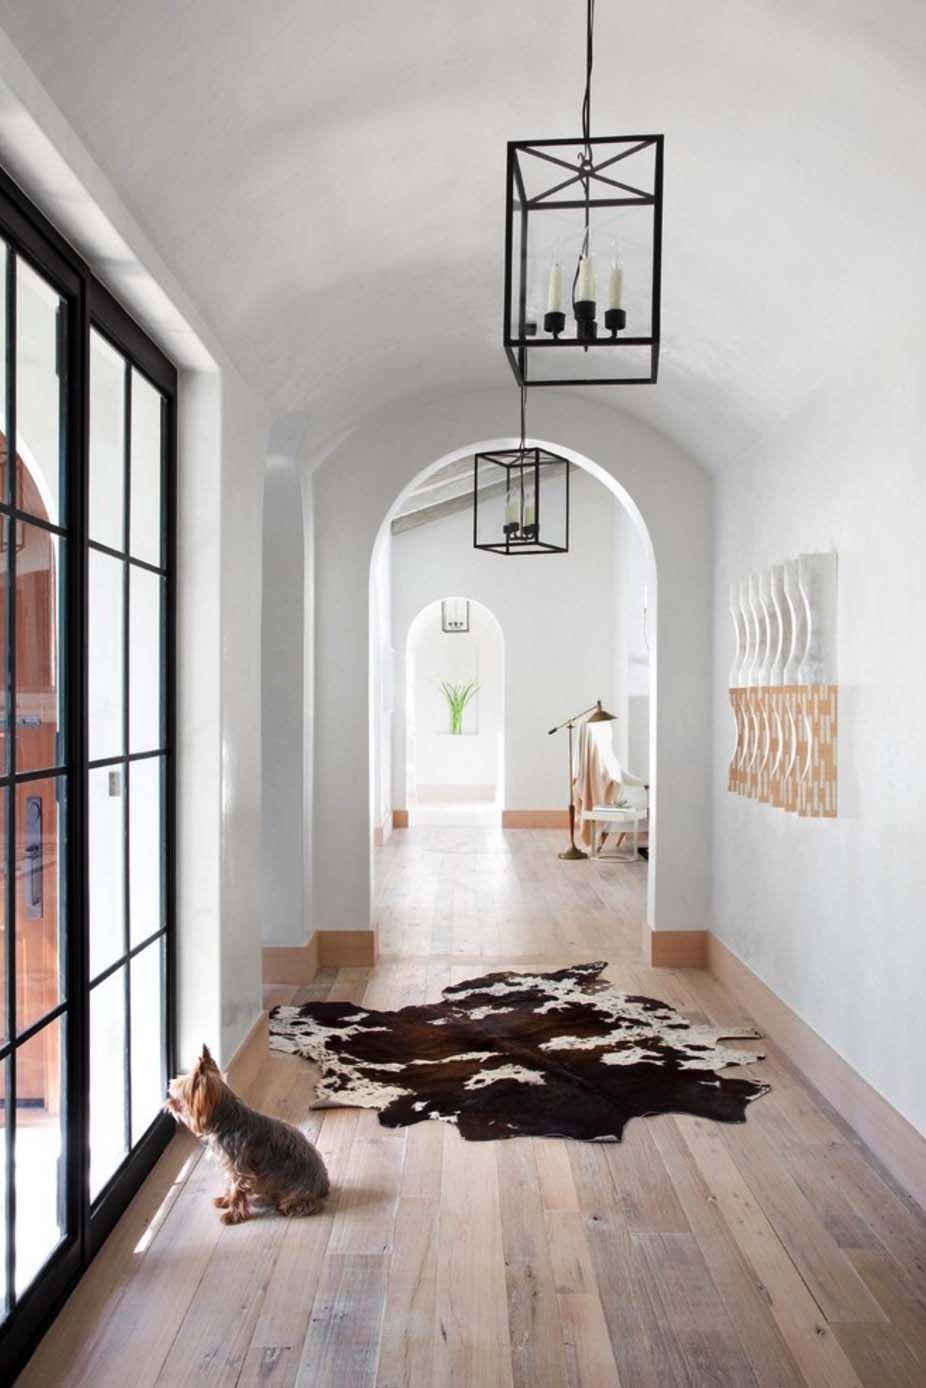 Pin von Kim Bartlett auf Shabby chic | Pinterest | Ideen fürs Zimmer ...